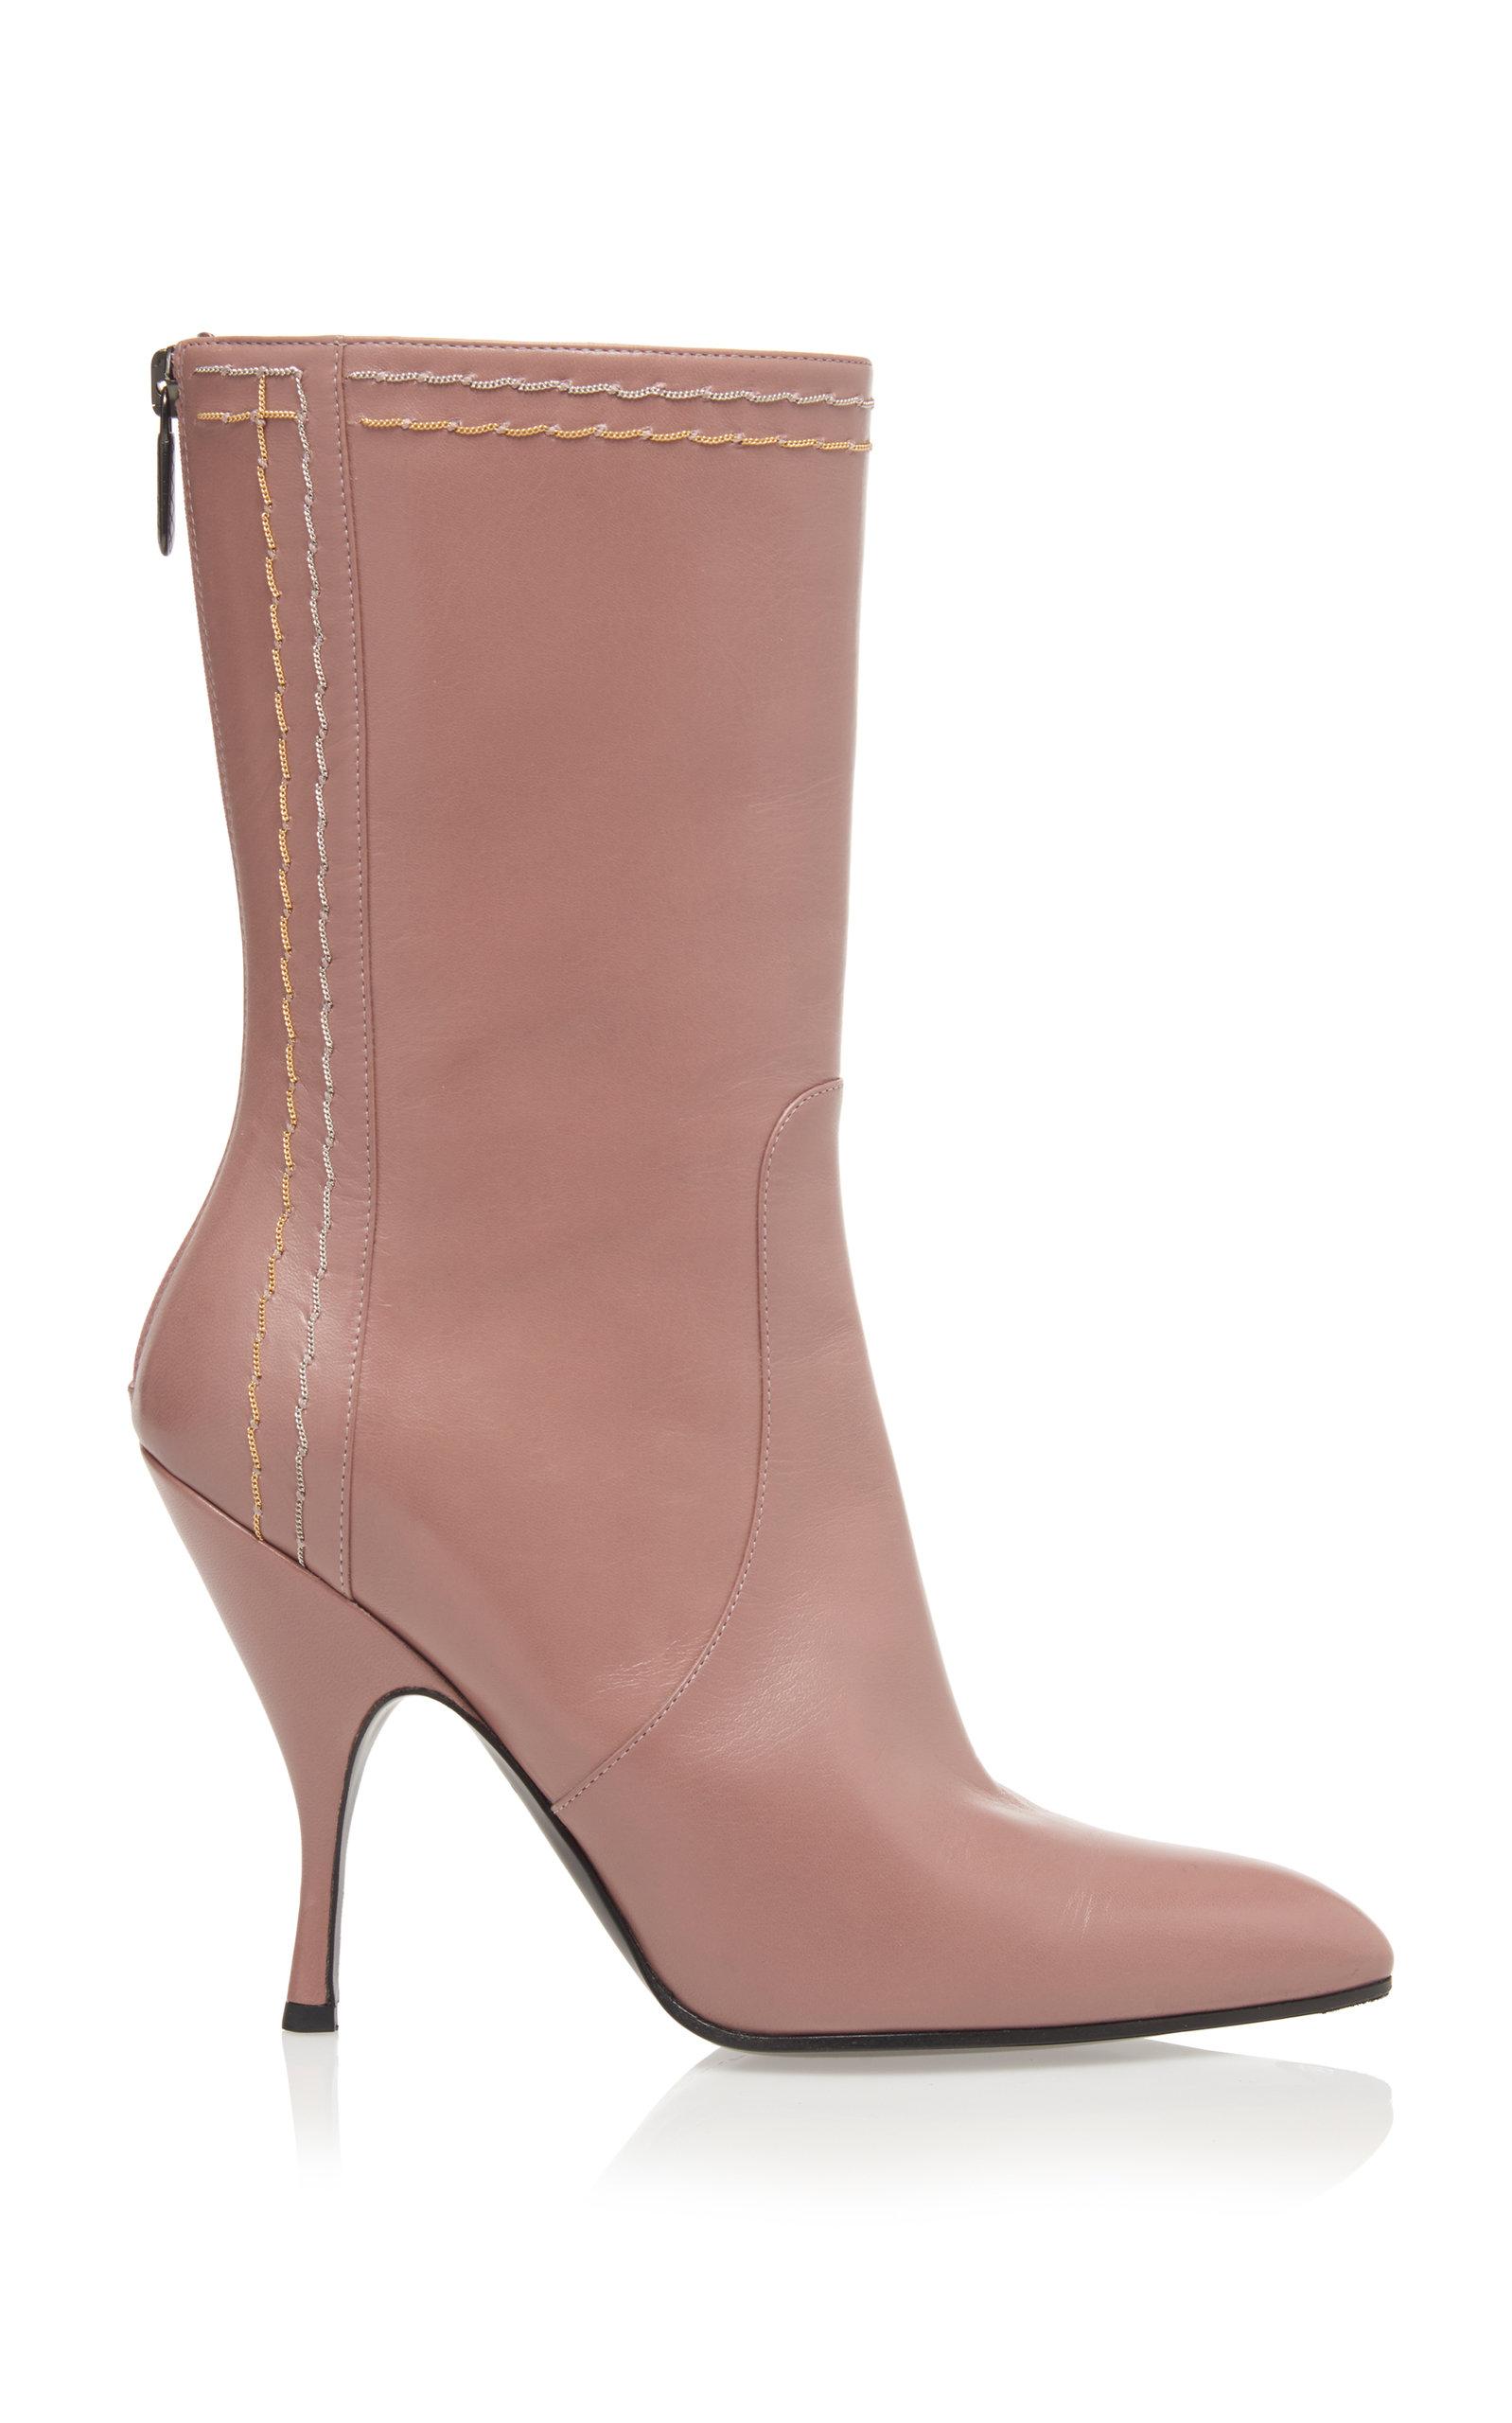 Stitch High Heel Bootie in Light Pink